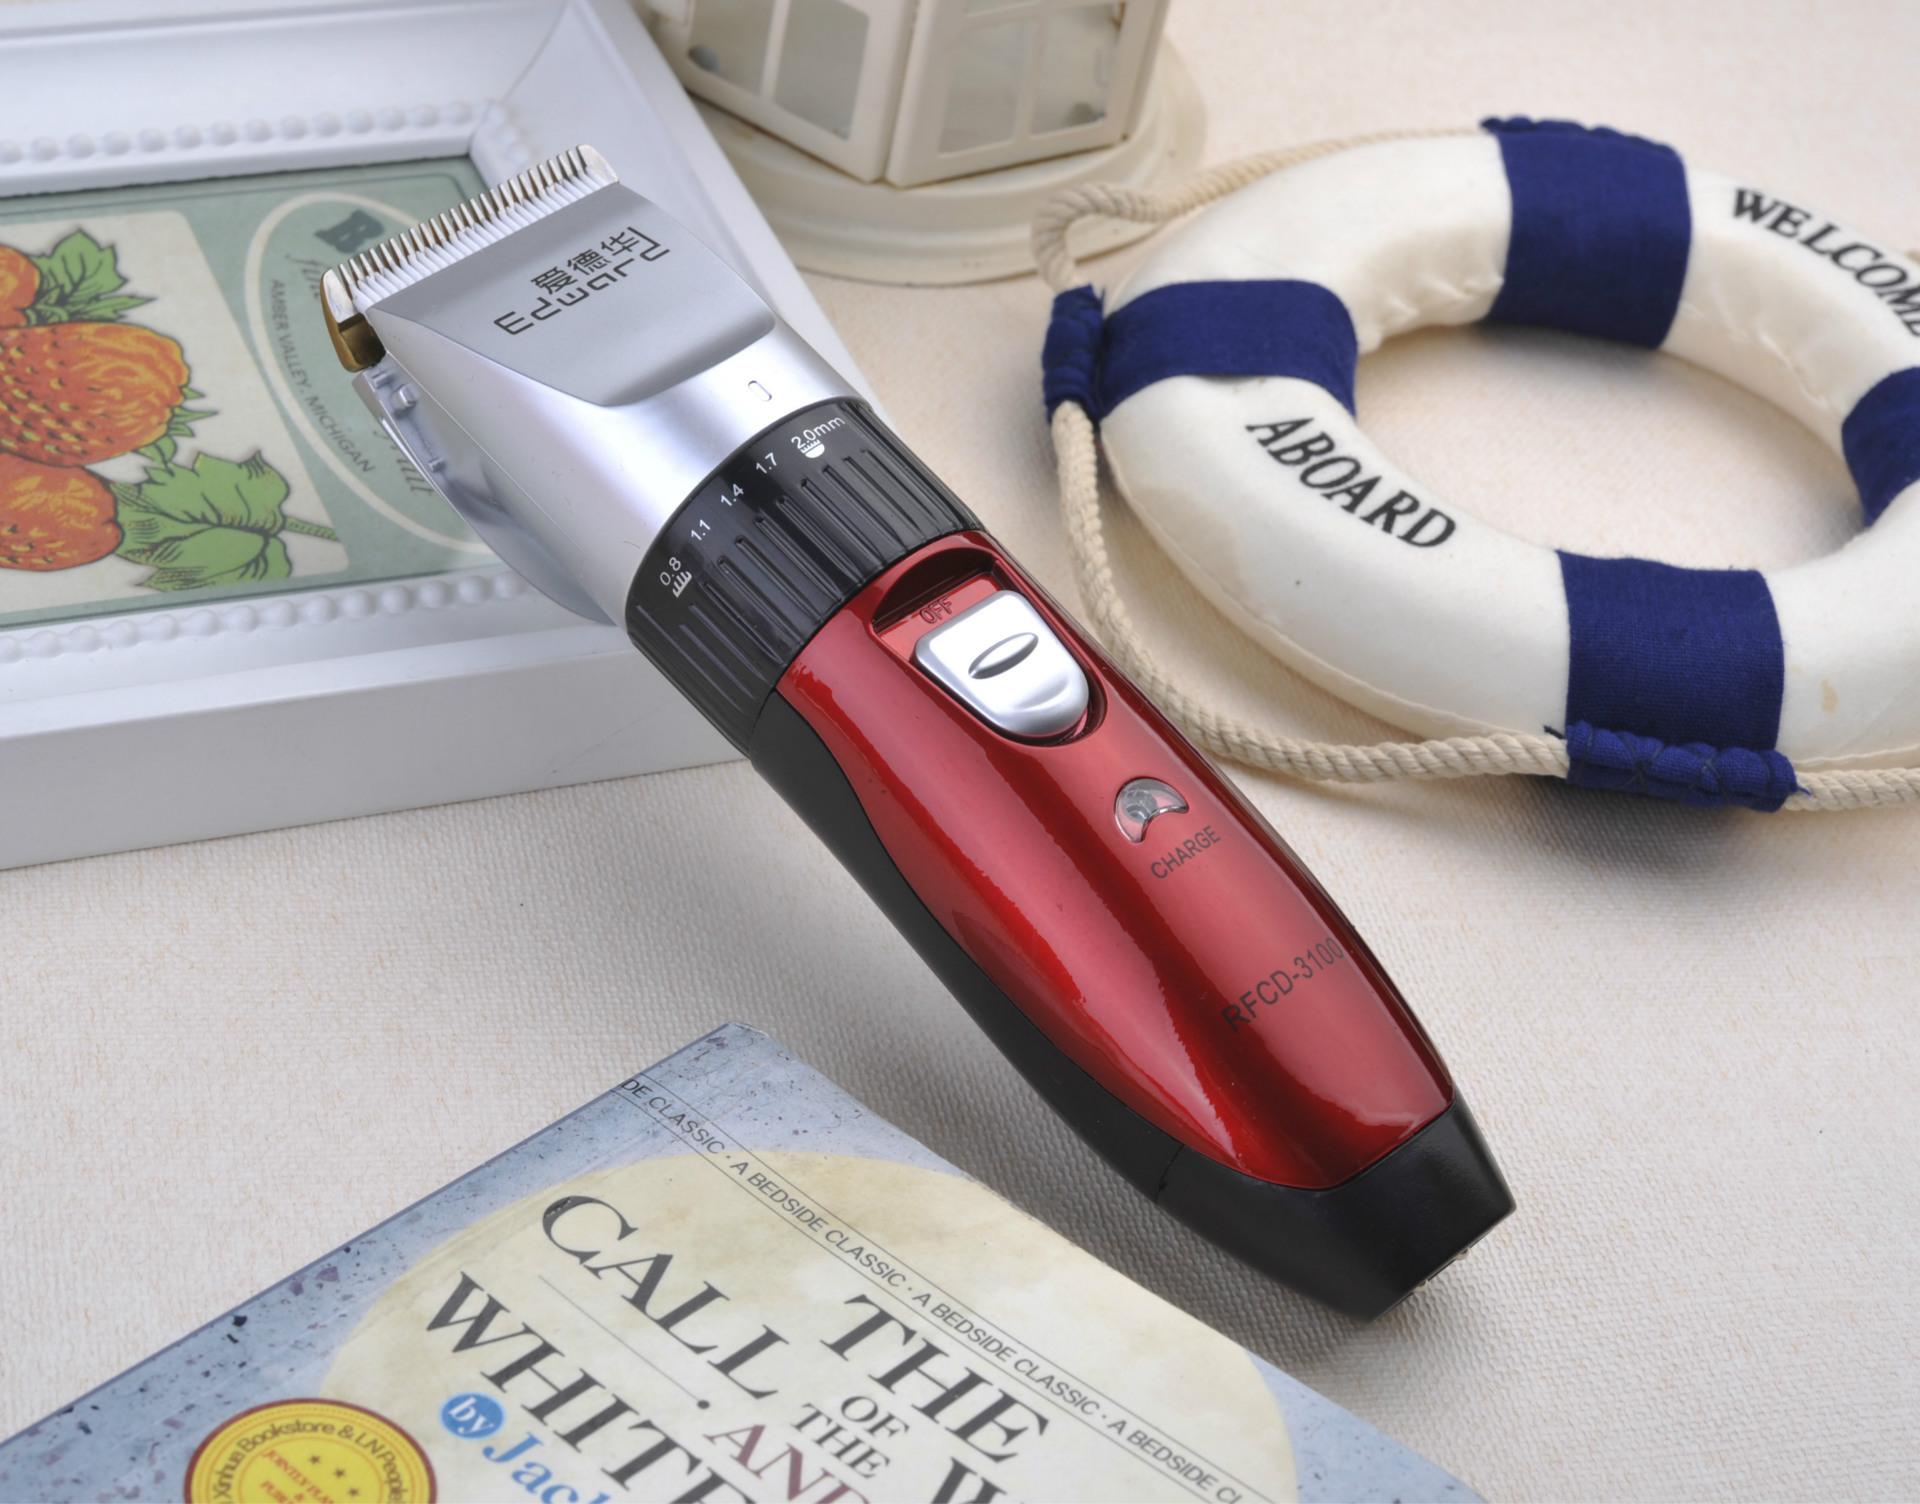 成人儿童婴儿 理发器 电推剪家用专业理发店充电式静音电推子3100